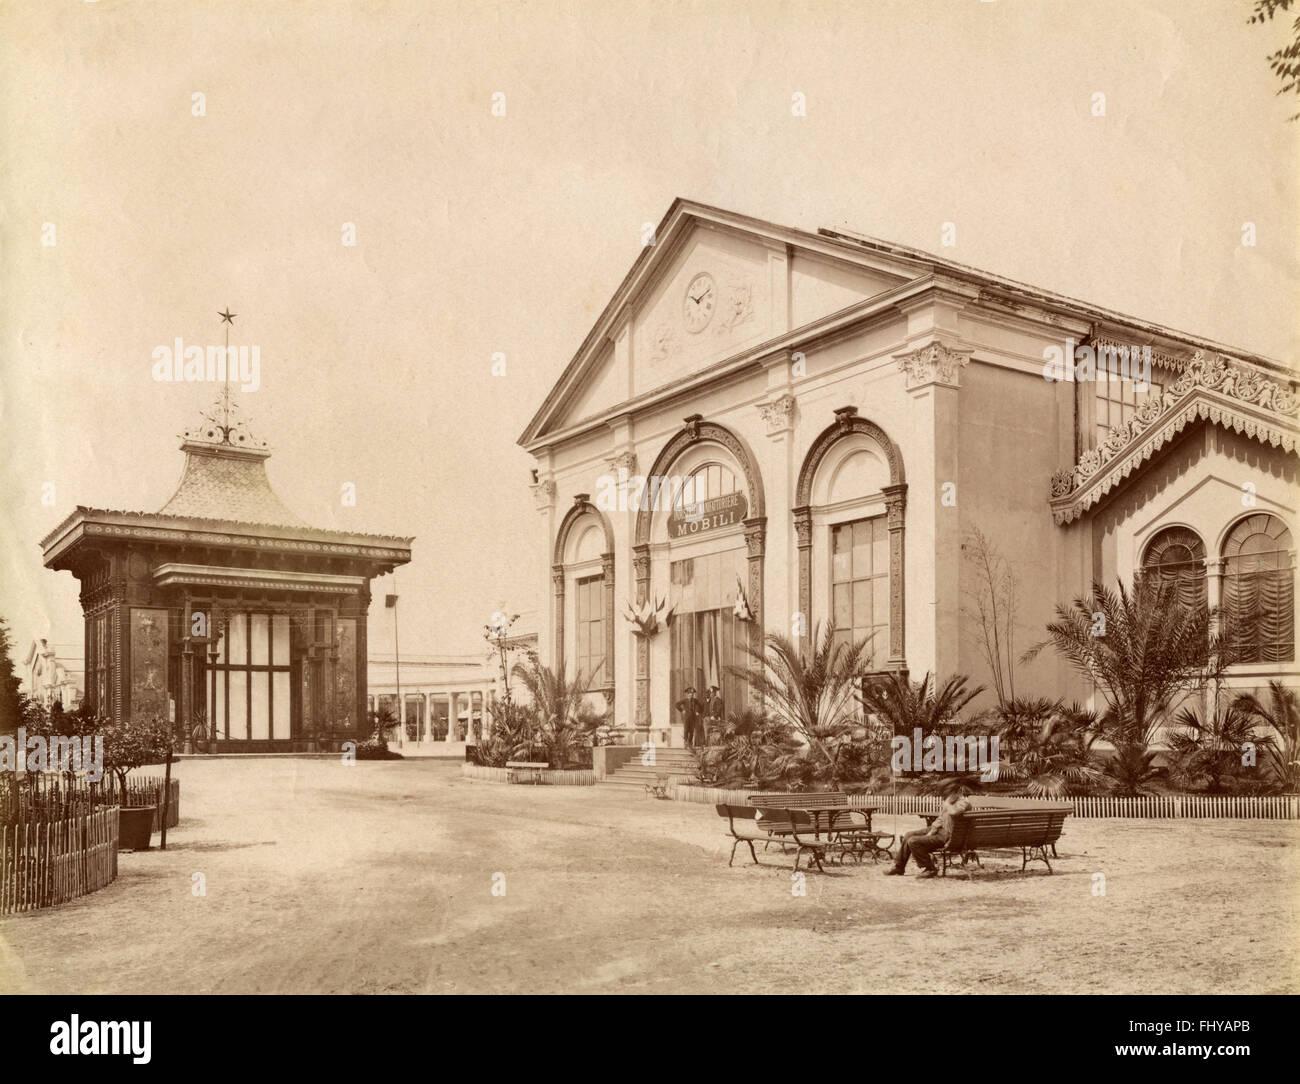 Esposizione Generale Italiana di Torino del 1884, Padiglione ...